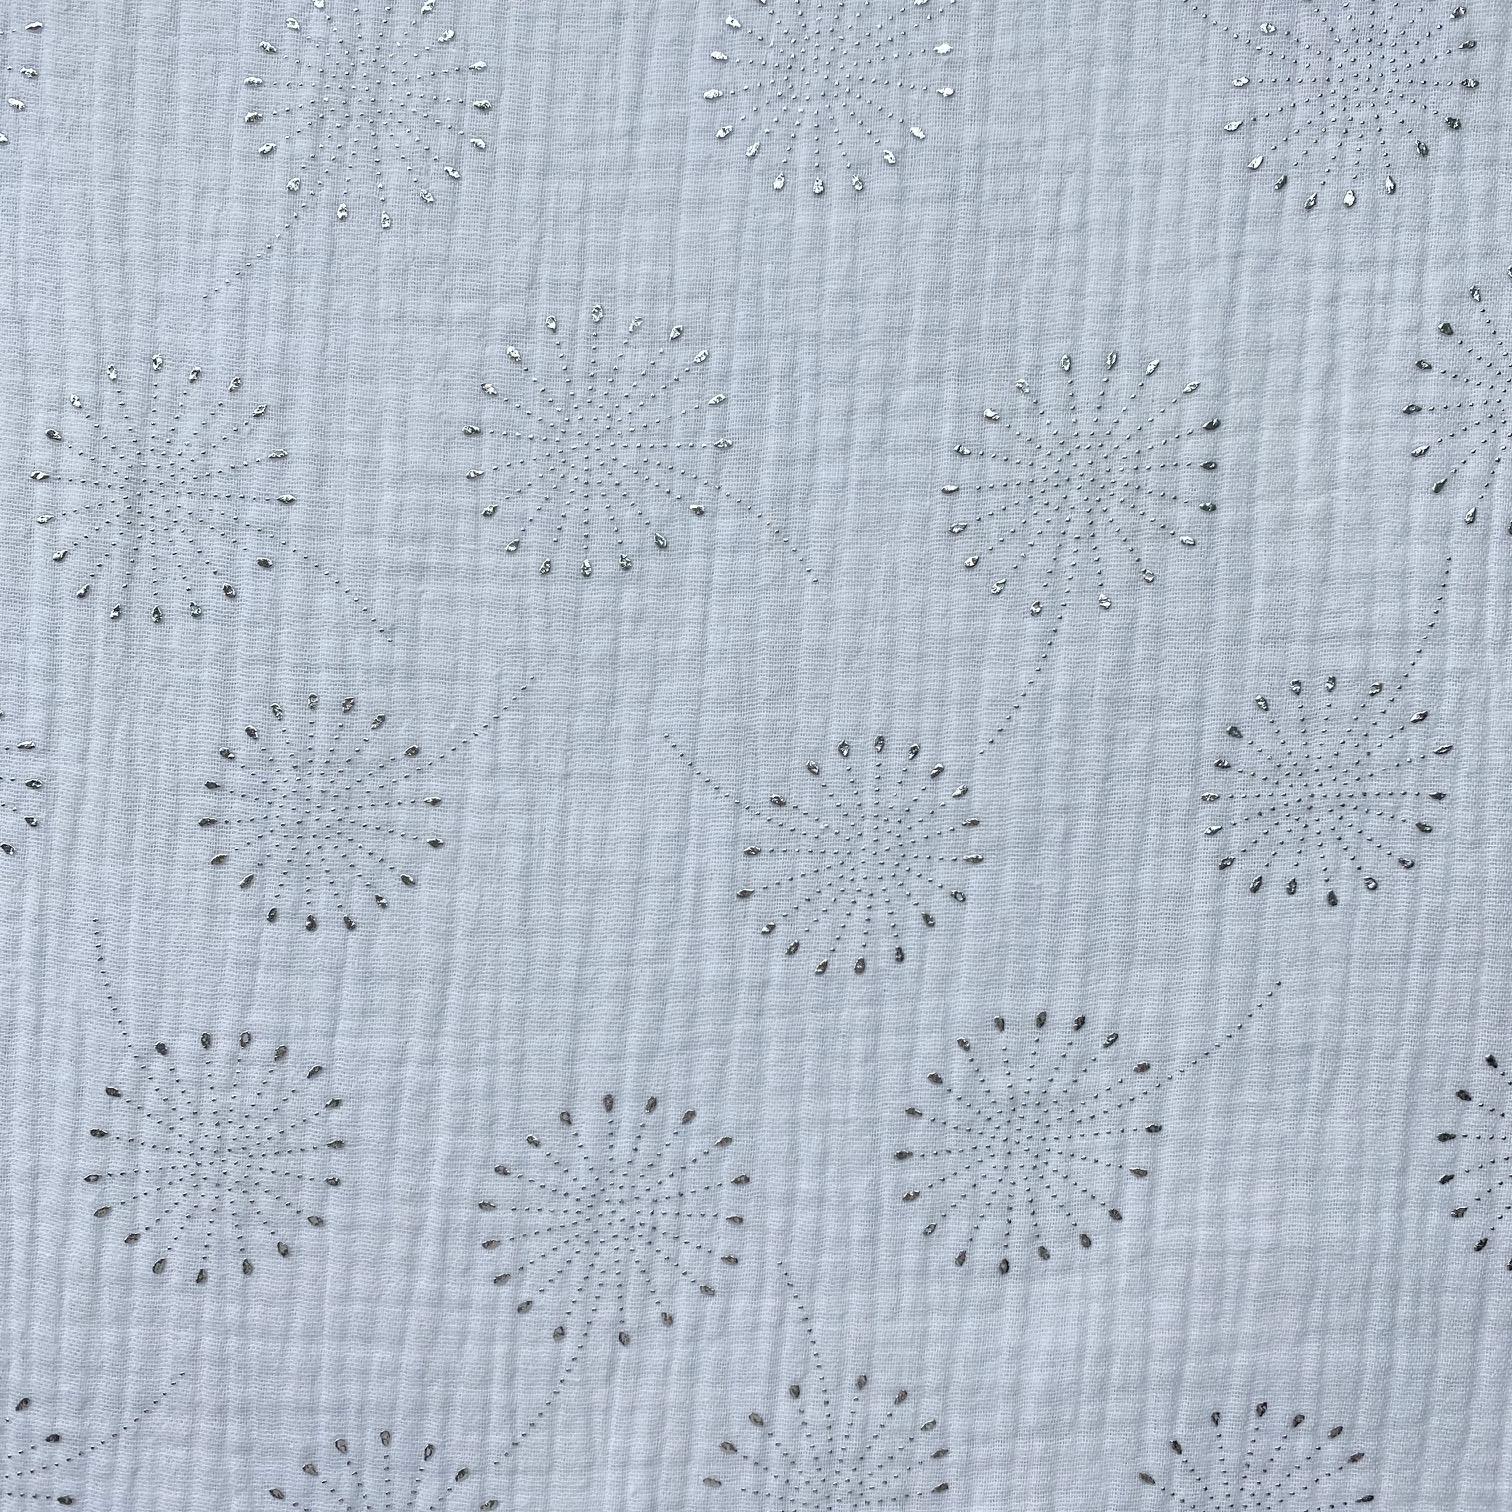 Musselin, Pusteblumen in Glitzerpunkten, weiß. Art. 4885/50